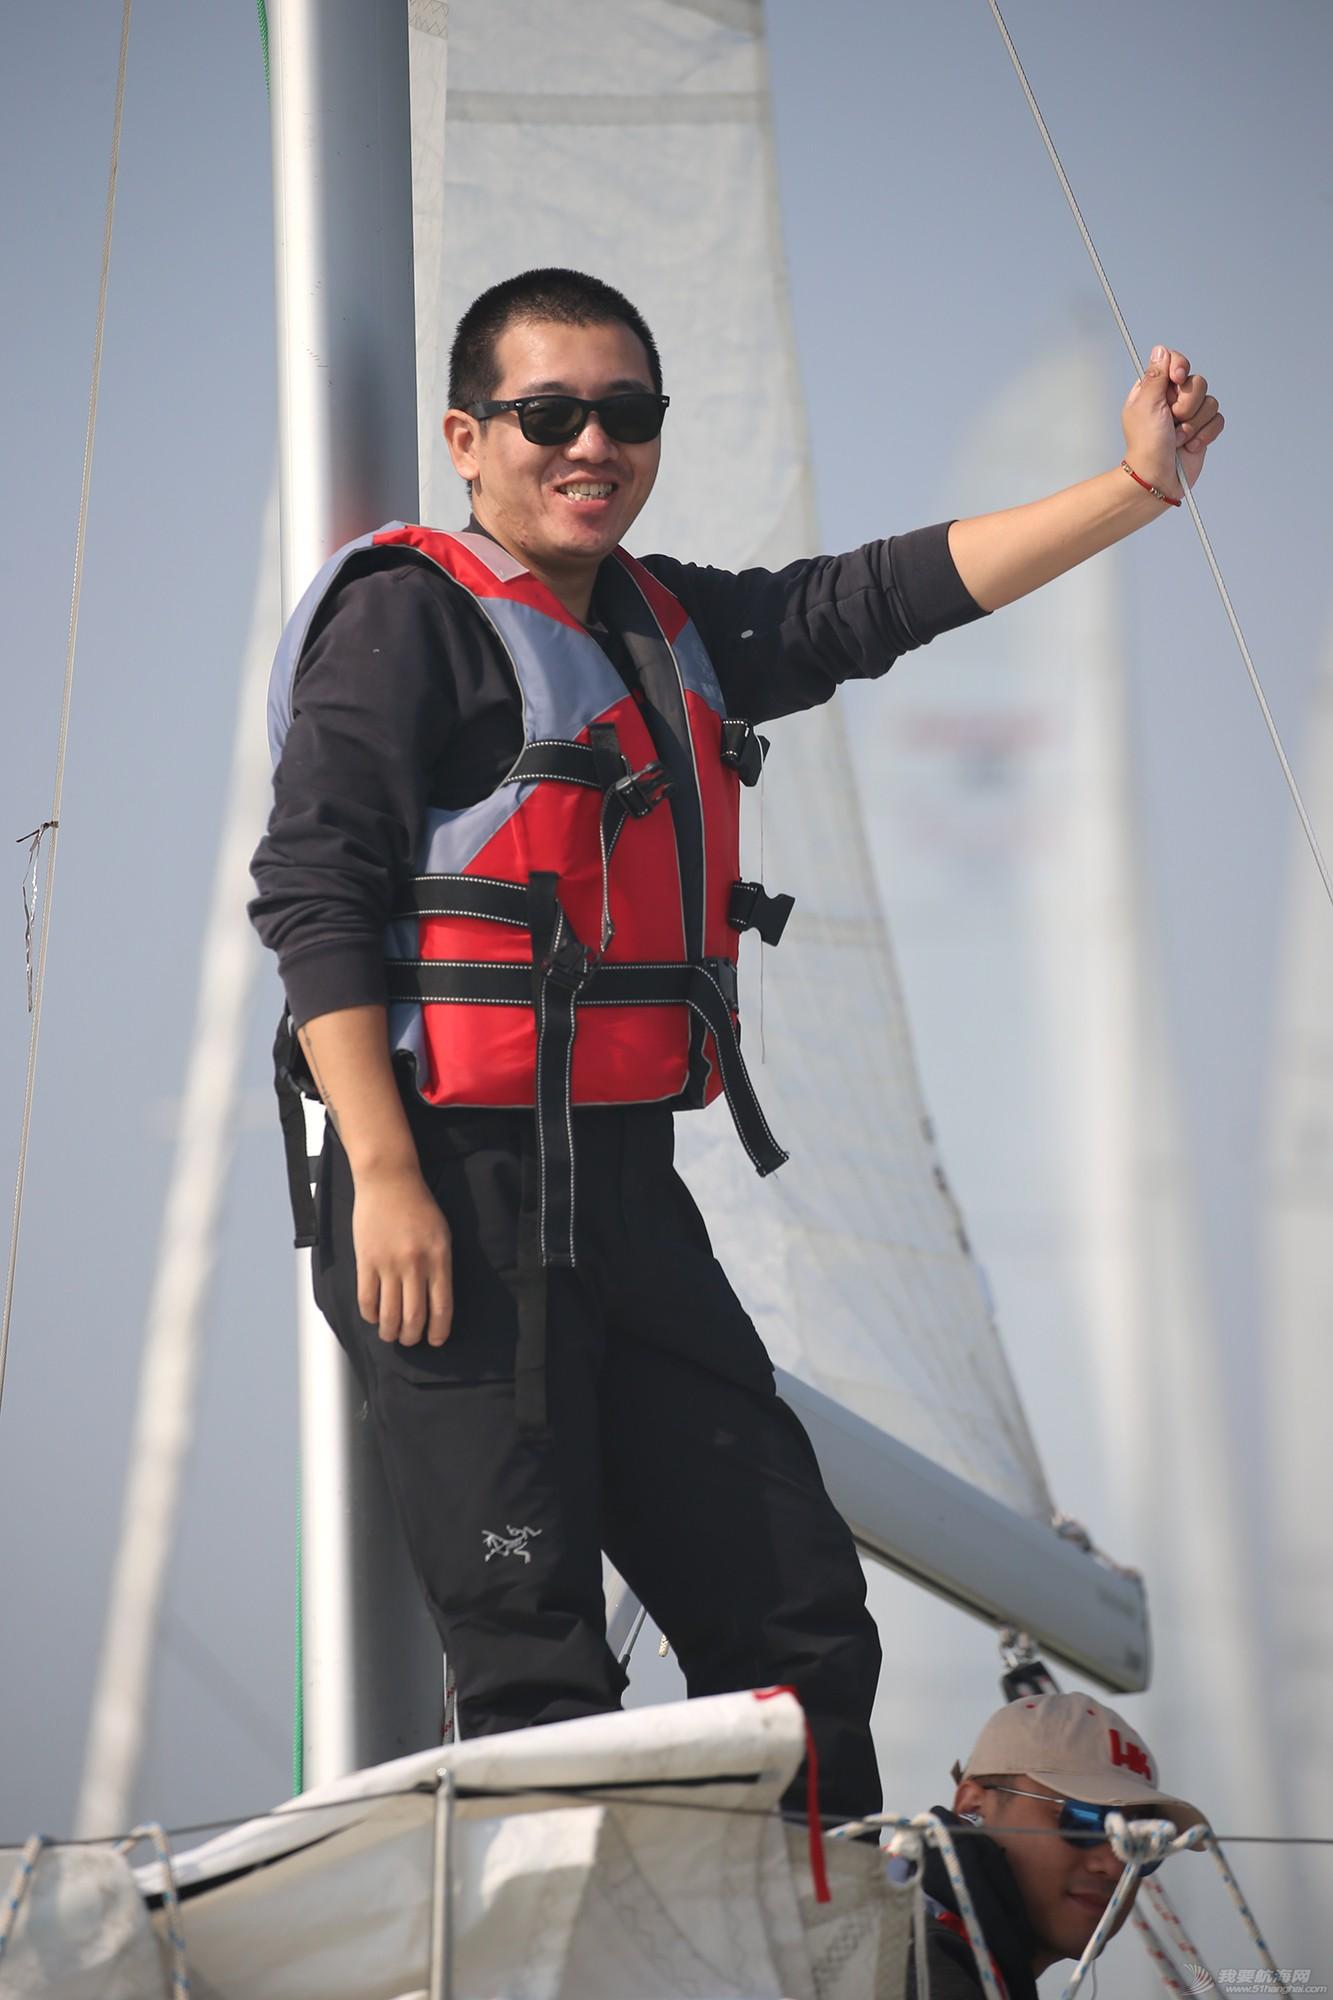 """拉力赛,帆船,太湖 2016""""菱湖湾杯""""环太湖帆船拉力赛参赛船队、船员风采 E78W2246.JPG"""